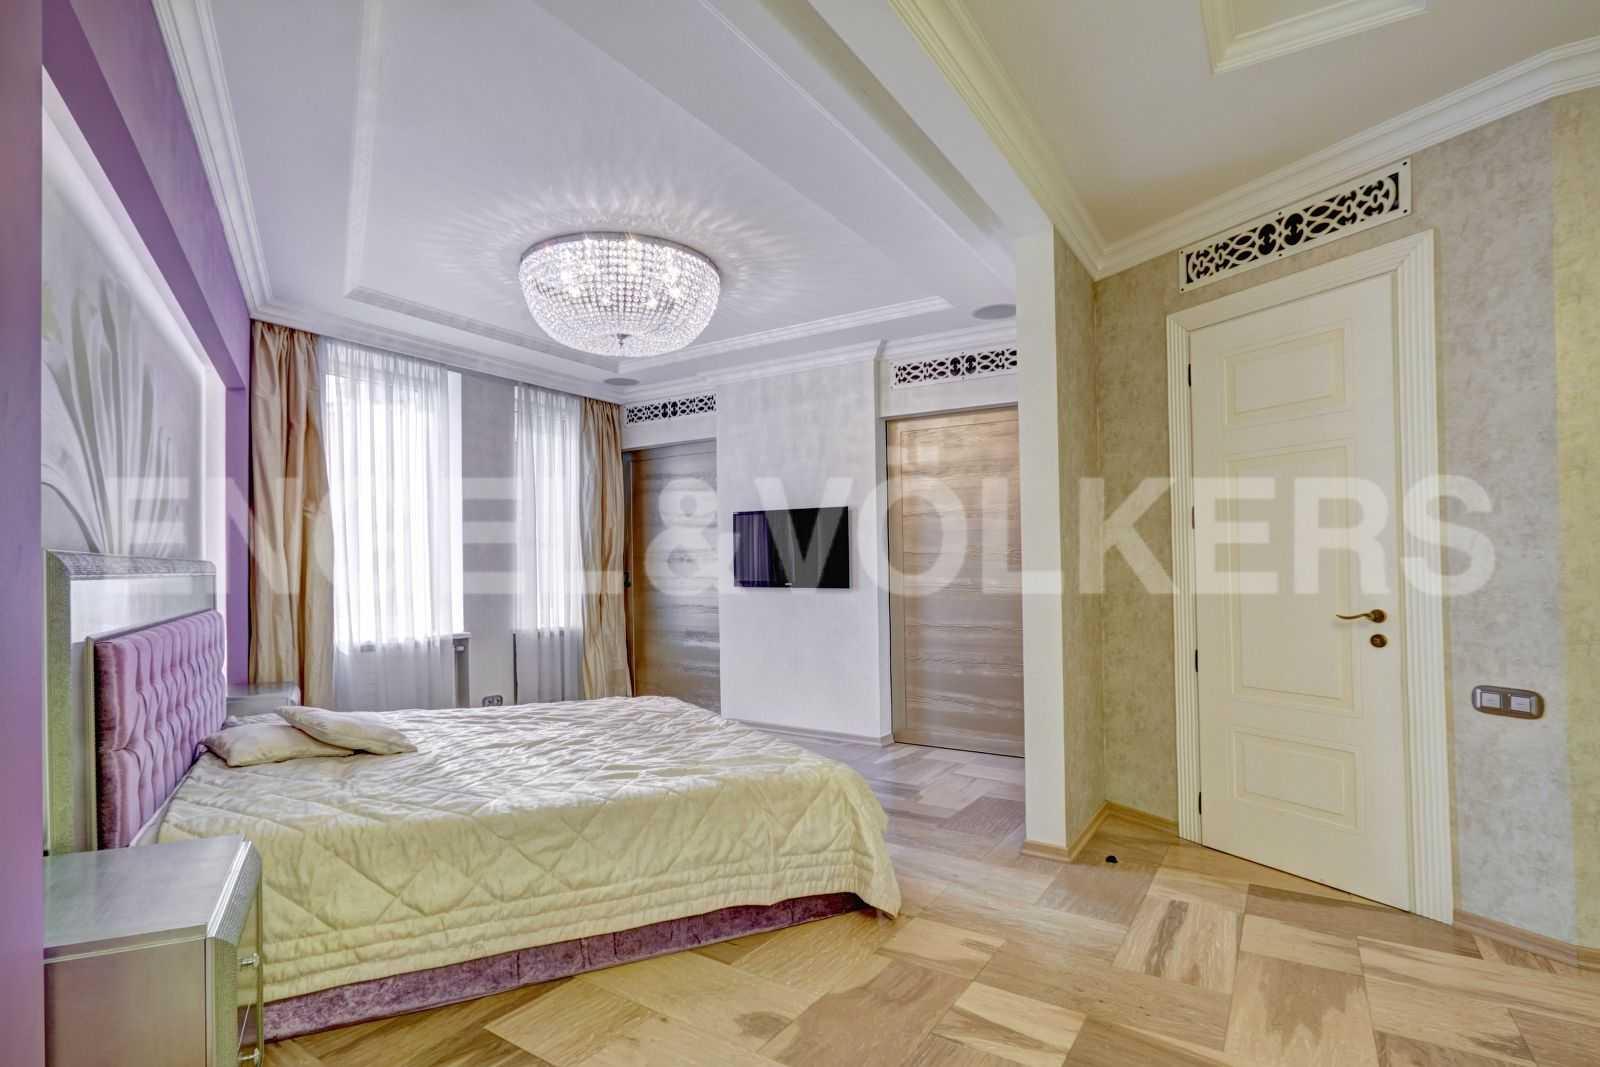 Элитные квартиры в Центральном районе. Санкт-Петербург, Тверская, 1А. Спальня с гардеробной и ванной комнатой